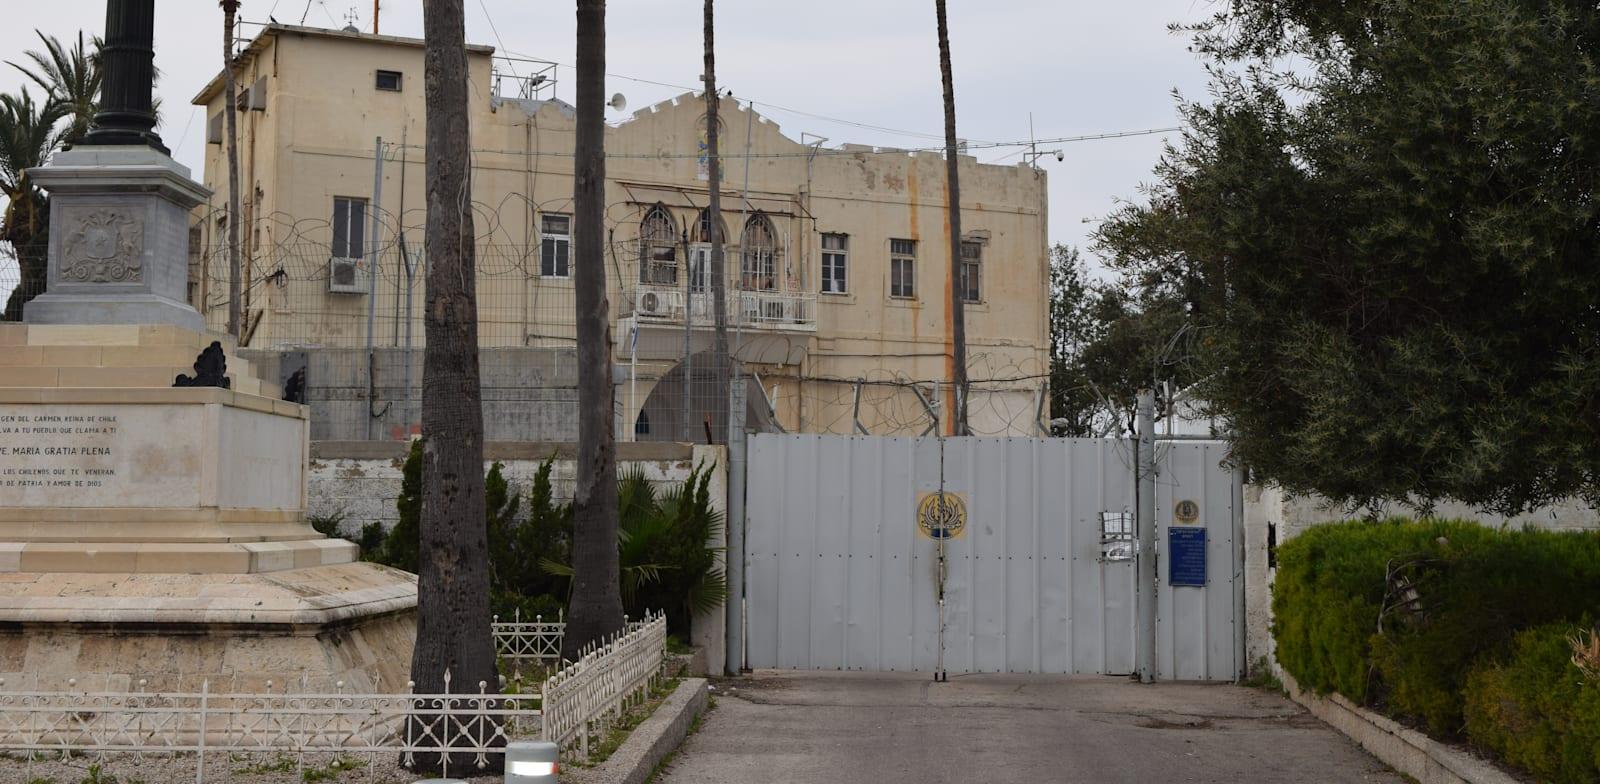 Israel Navy Base in Haifa Photo: Bar-El